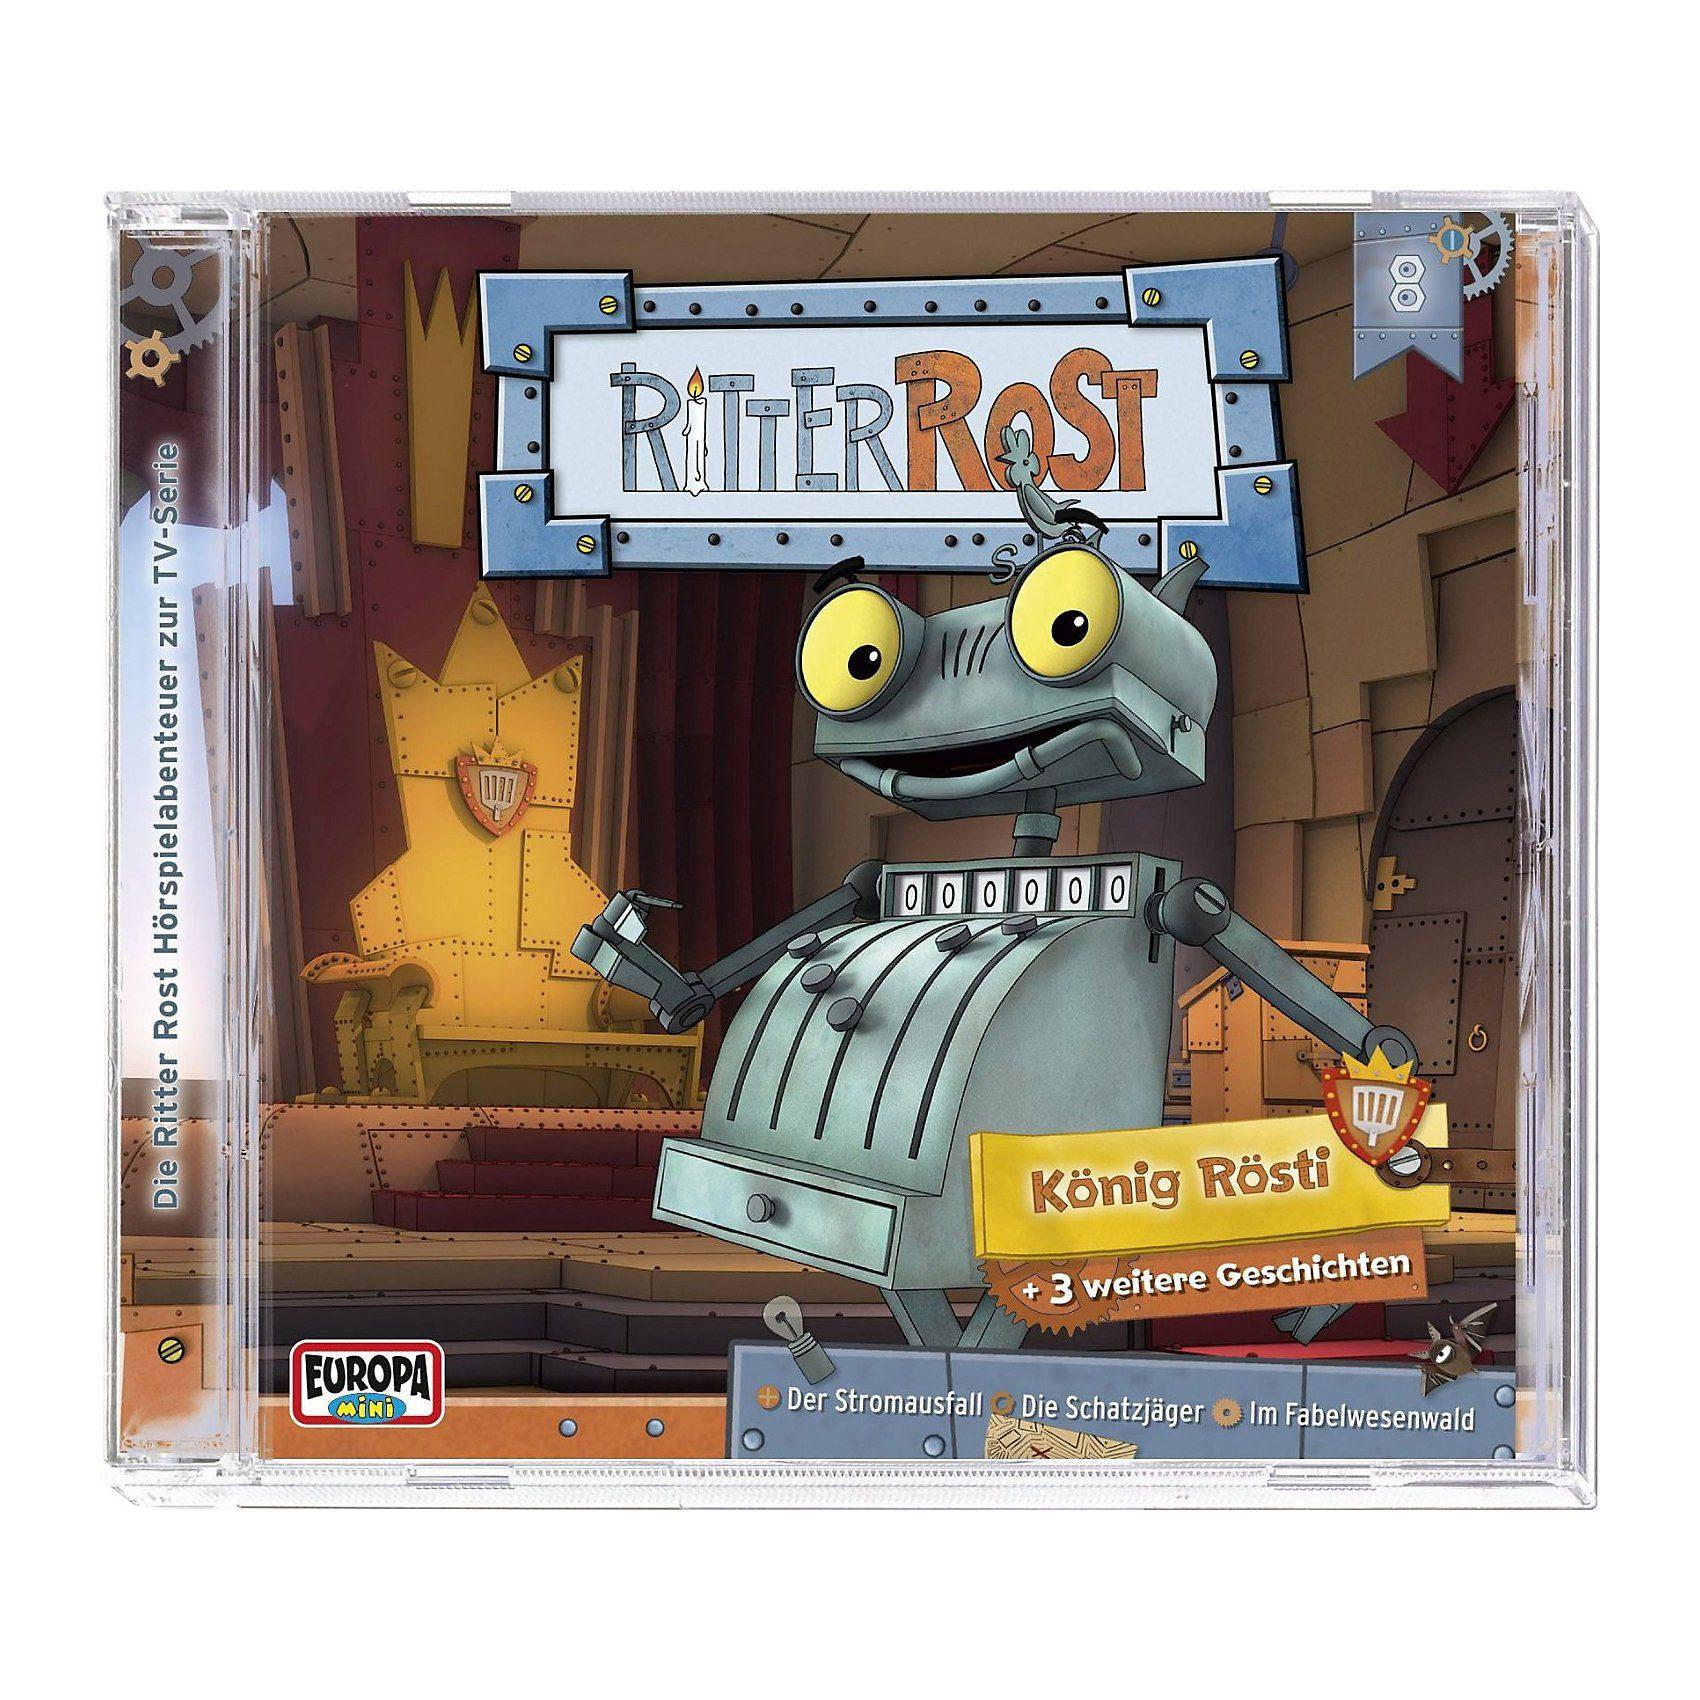 Sony CD Ritter Rost 08 - König Rösti